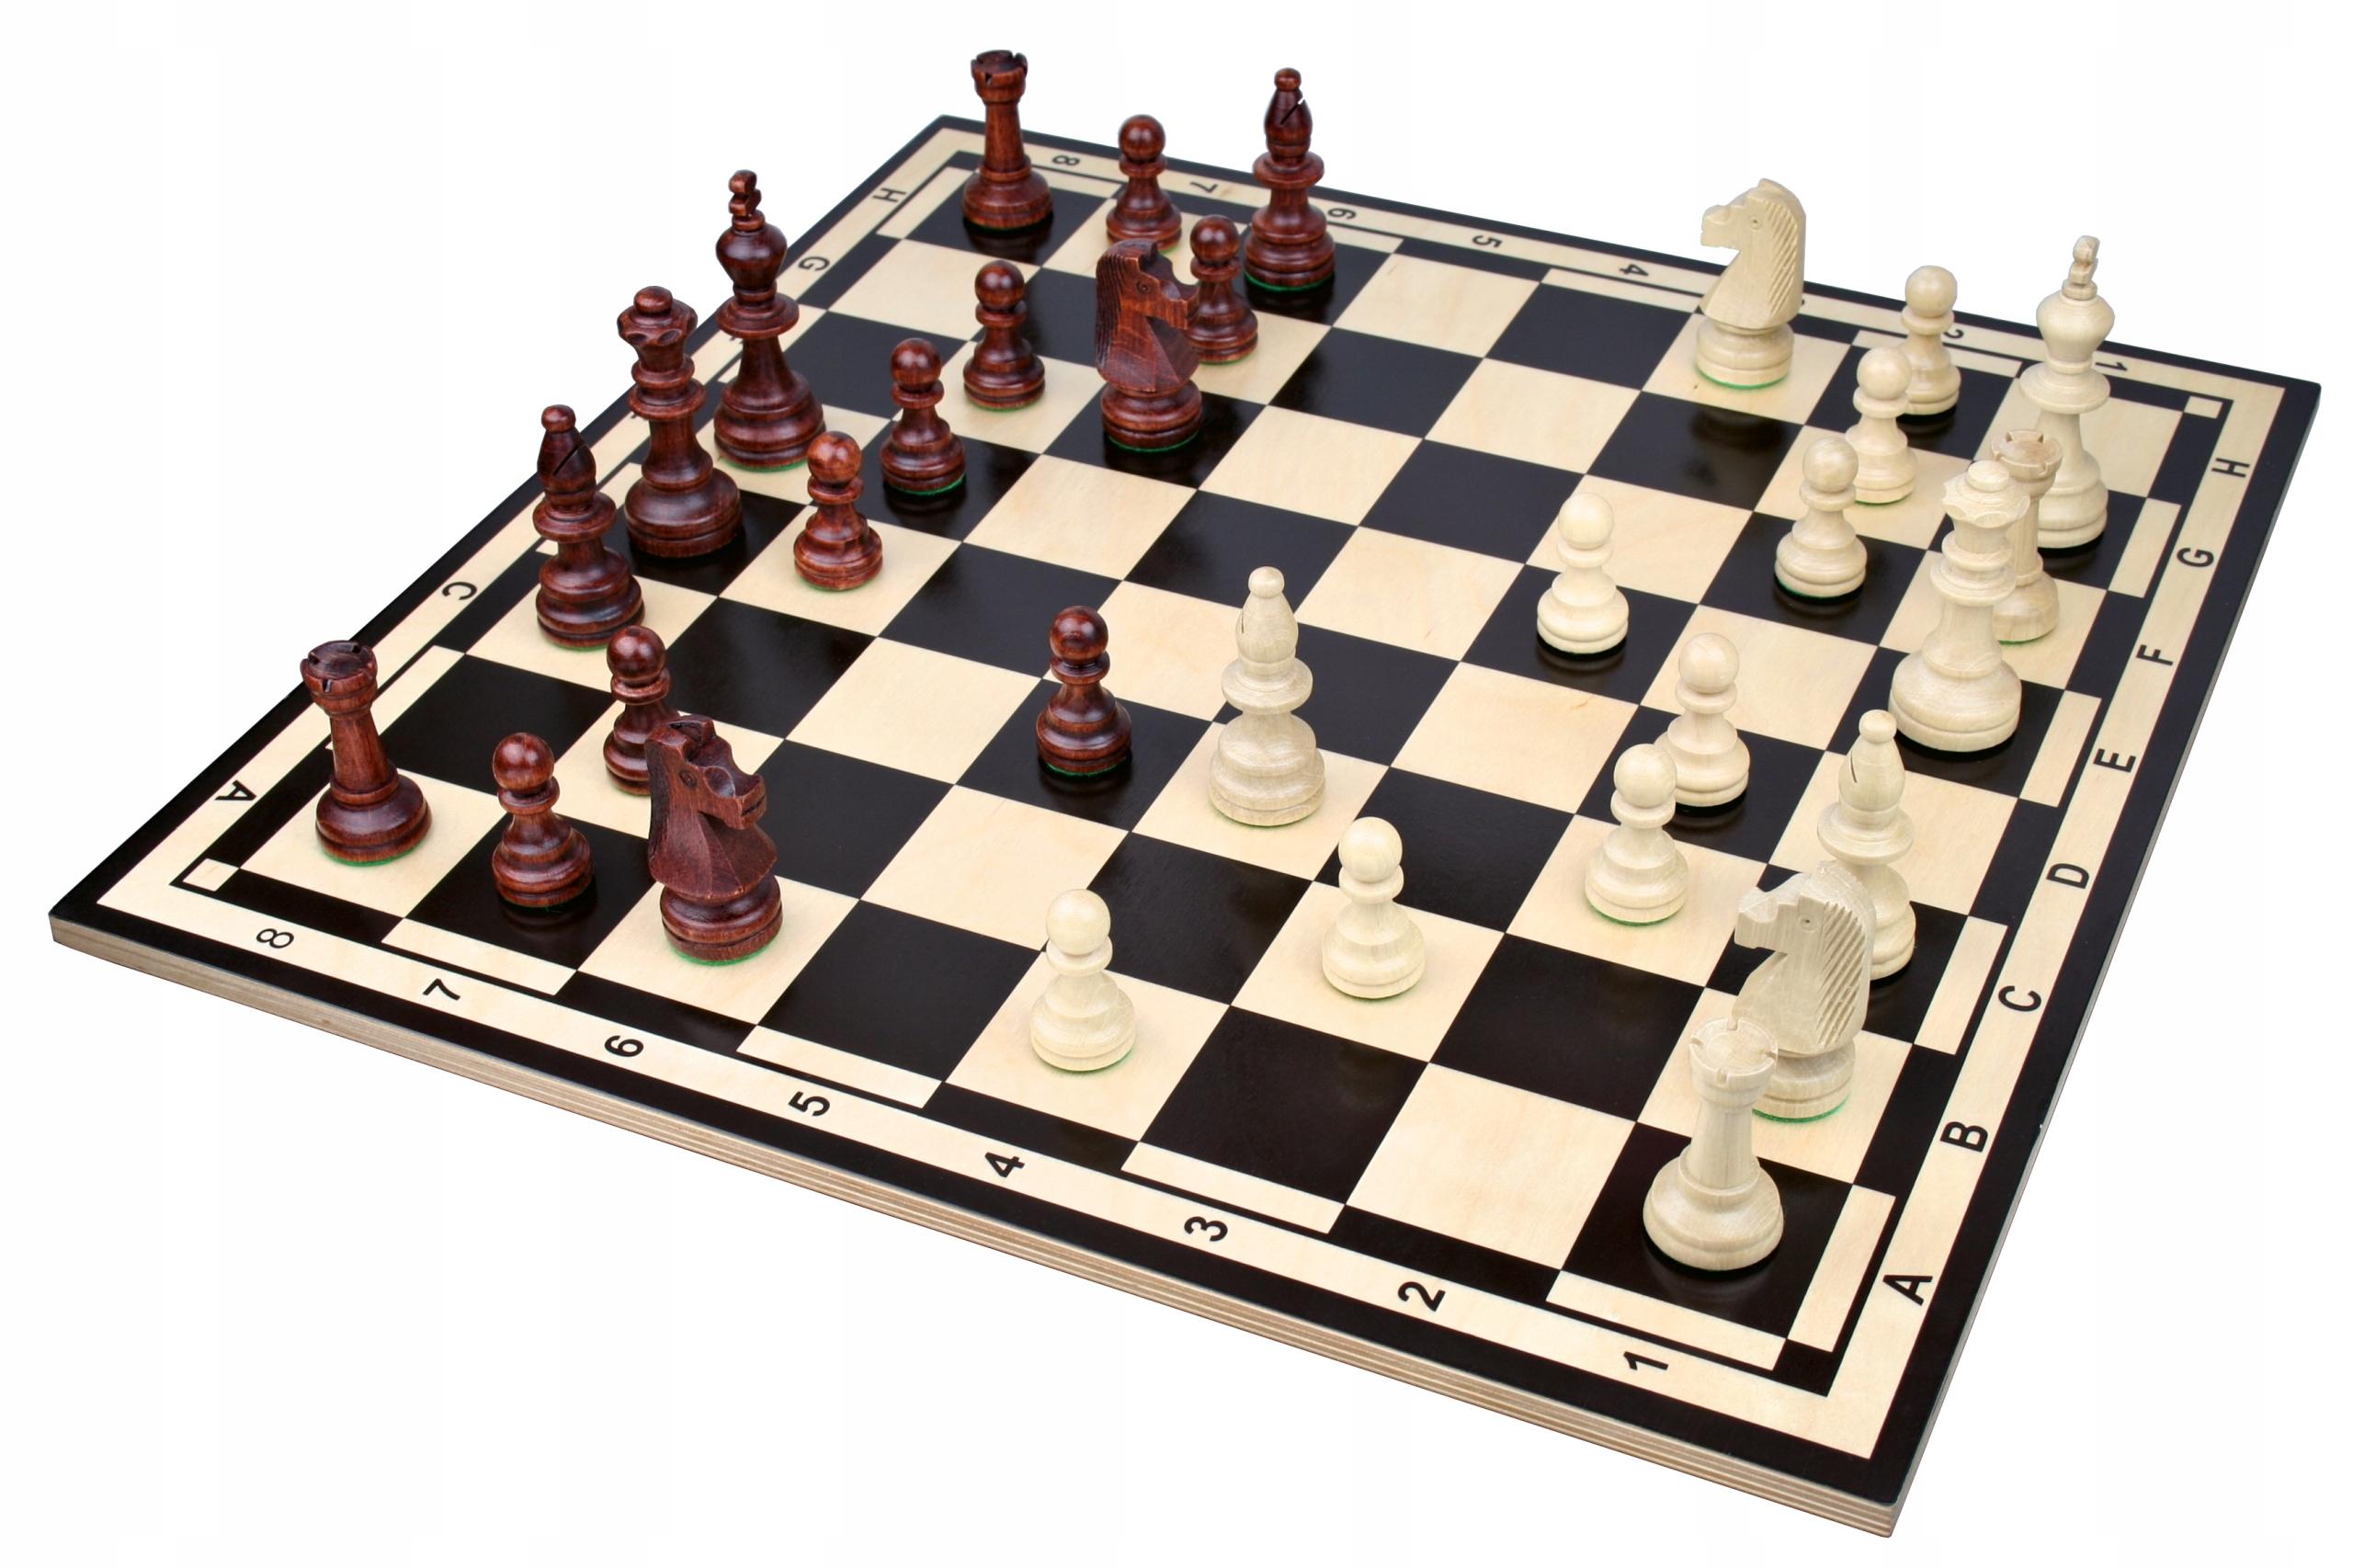 Szachy Turniejowe nr 5 - STAUNTON - Filipek